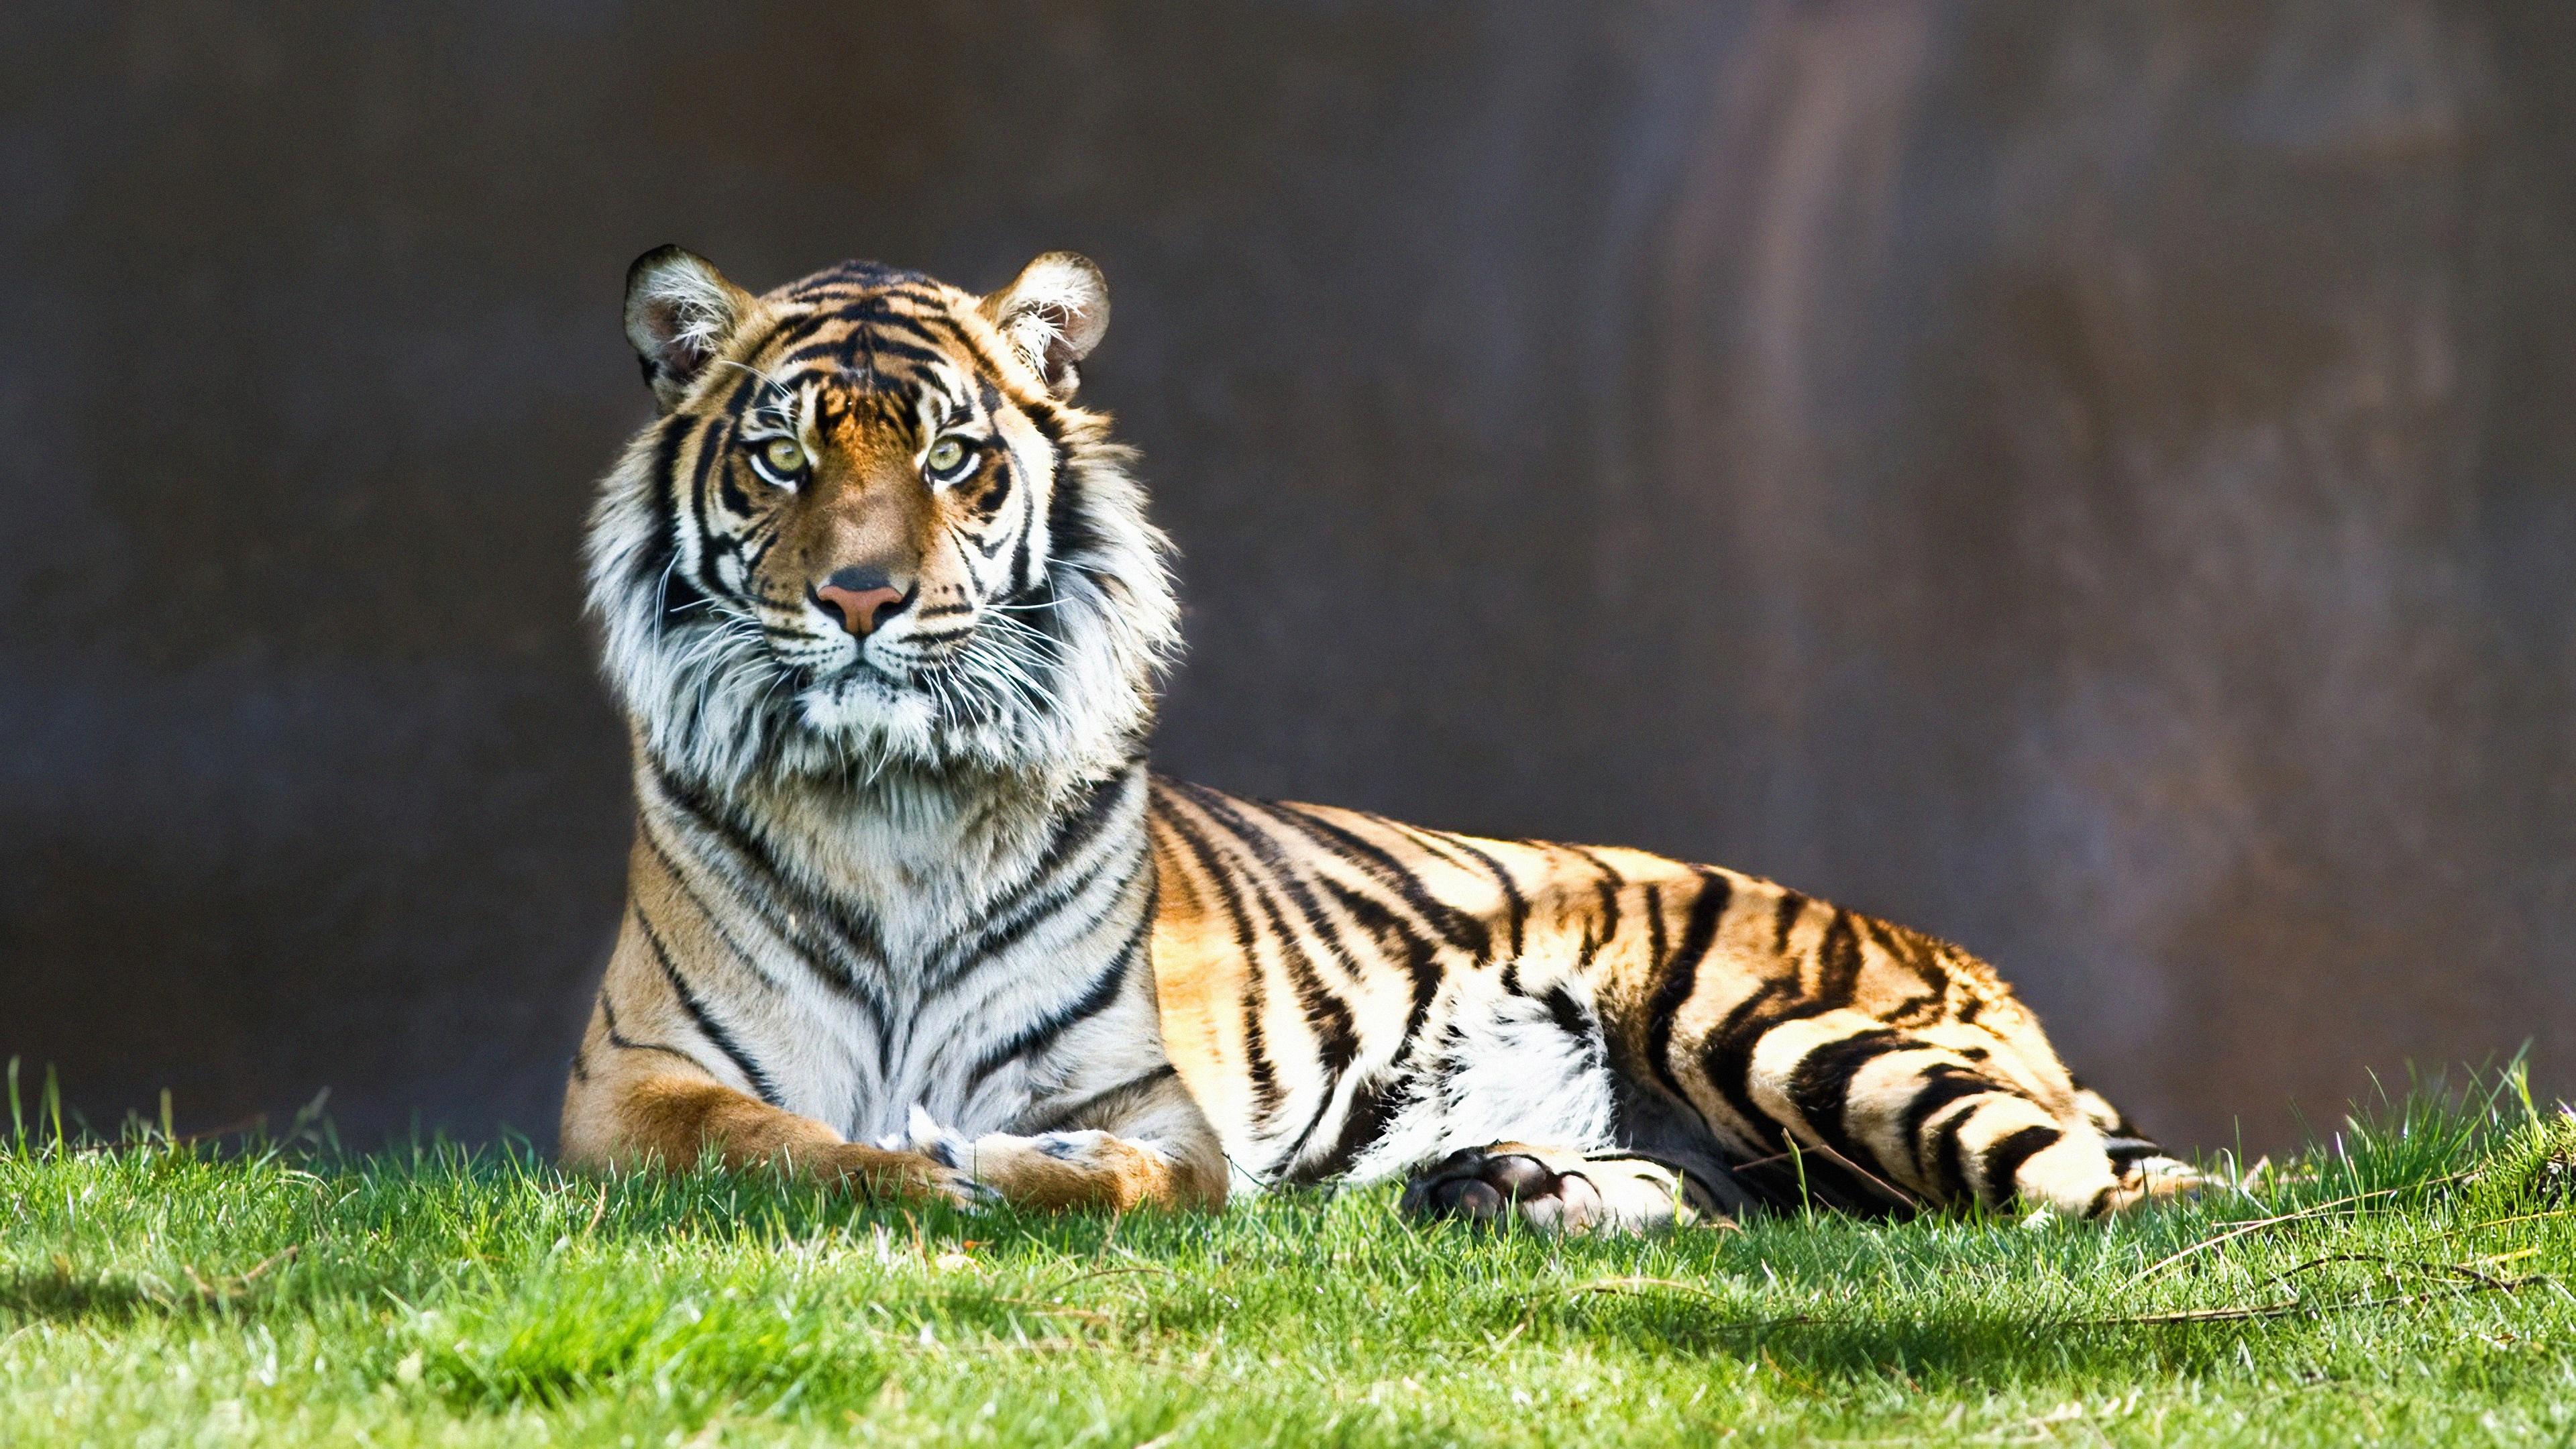 tiger look 1574938124 - Tiger Look -